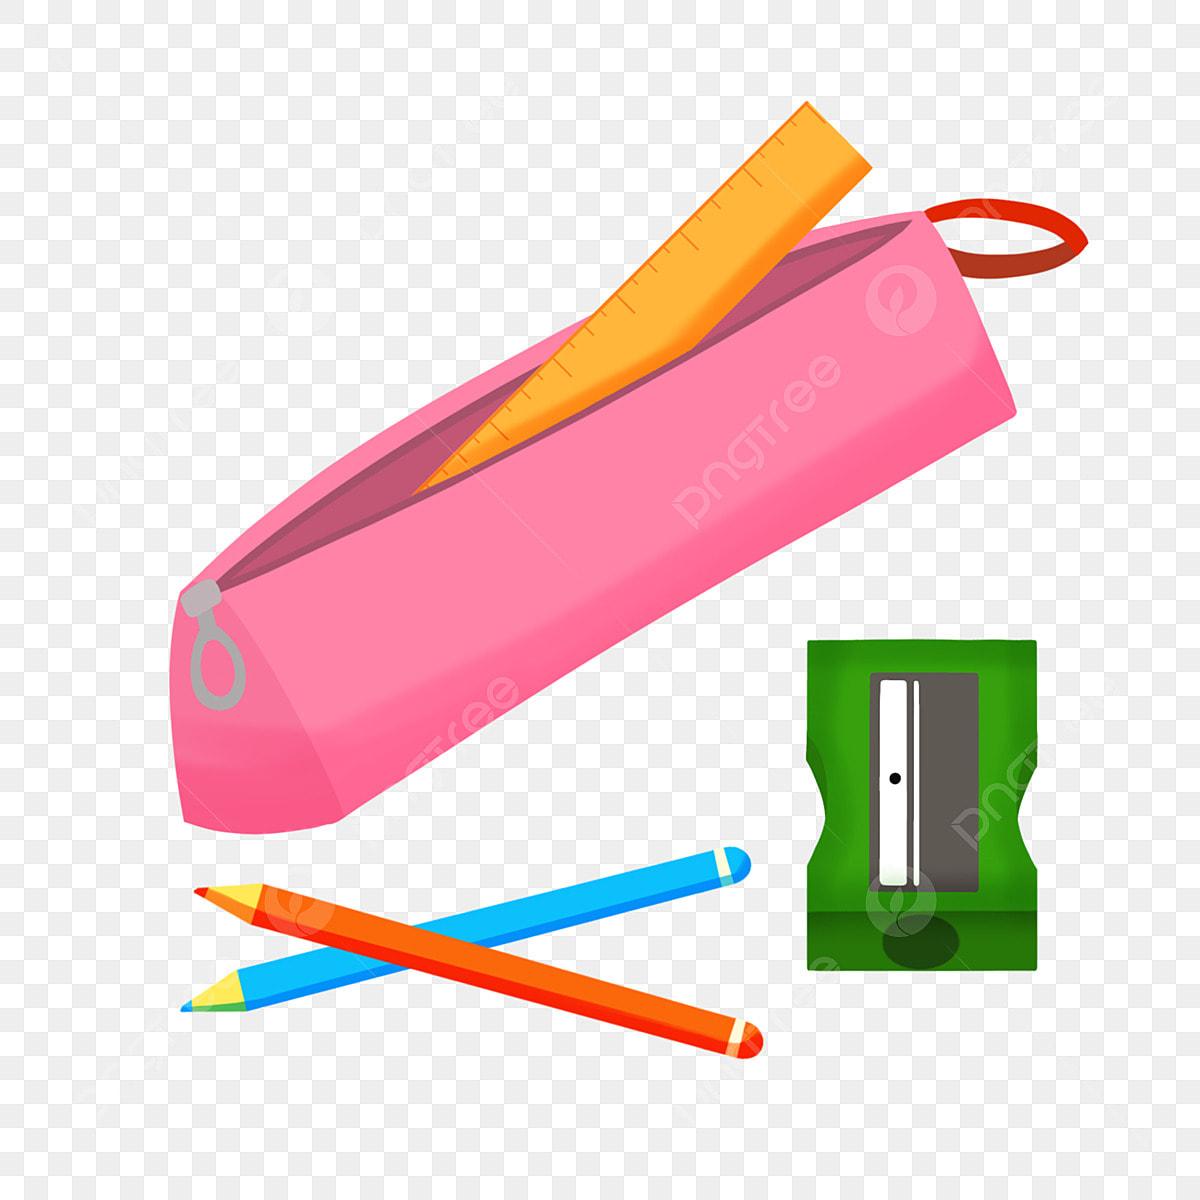 Pencil case learnenglish kids british council jpg - Clipartix